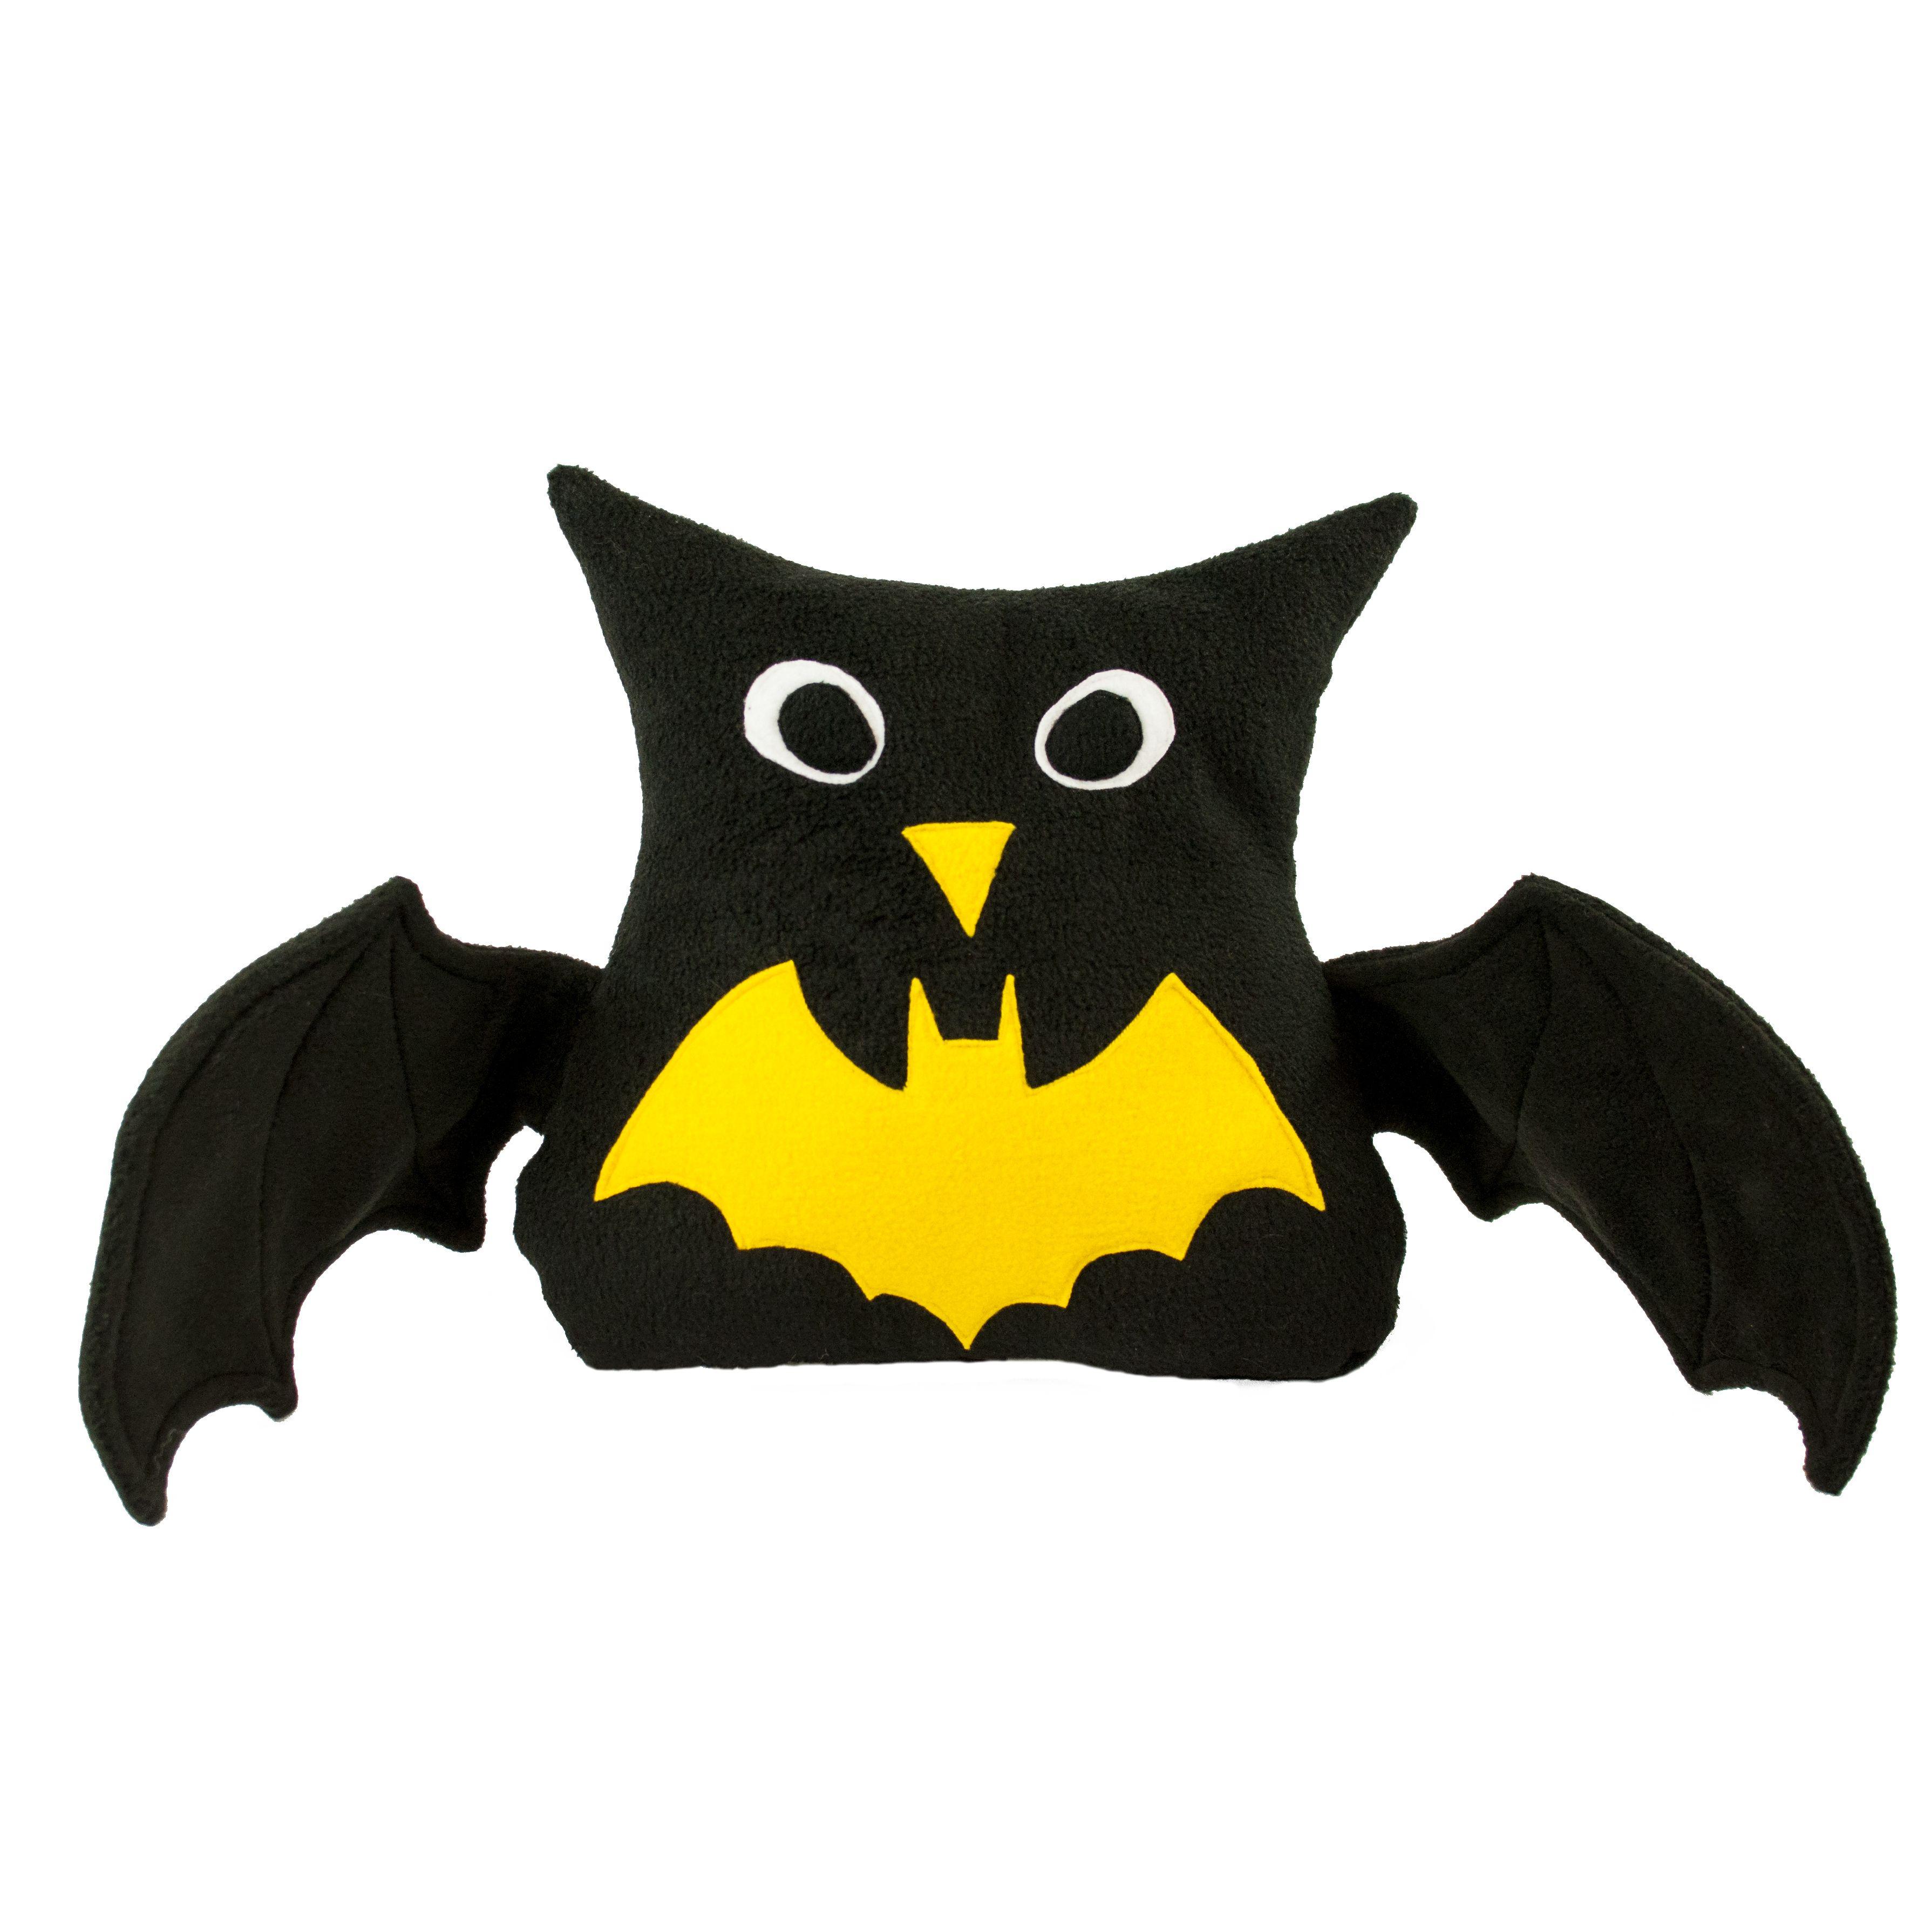 Бэтмен Batman DC Comics Owl Pillow -  Совы Подушки от Швейных дел мастера www.masterpillow.ru